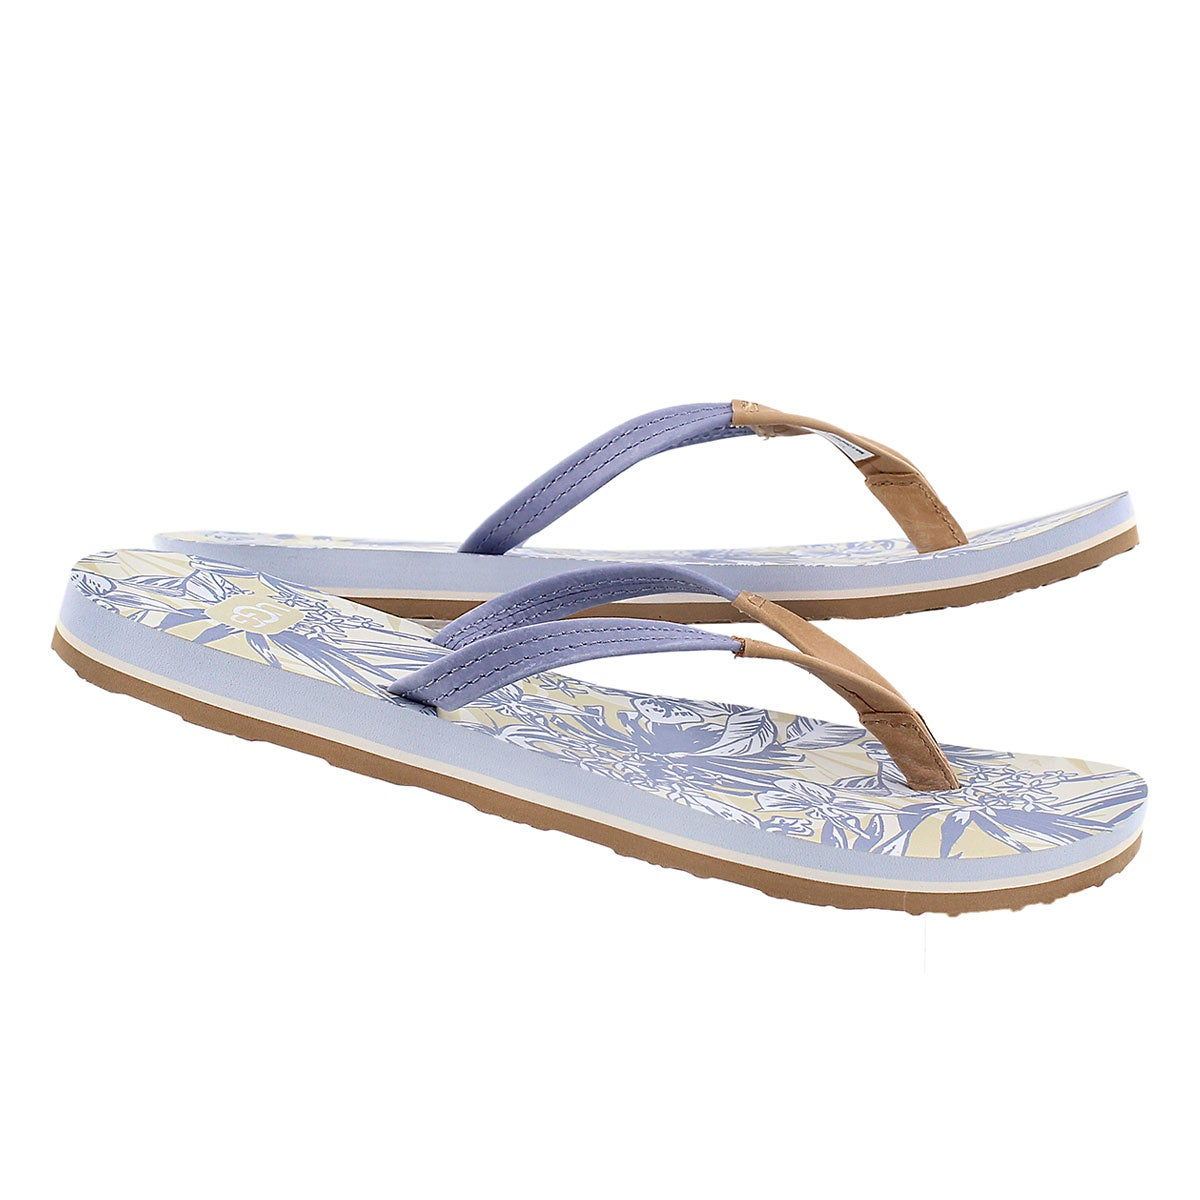 Lds Magnolia Island Floral blue flipflop